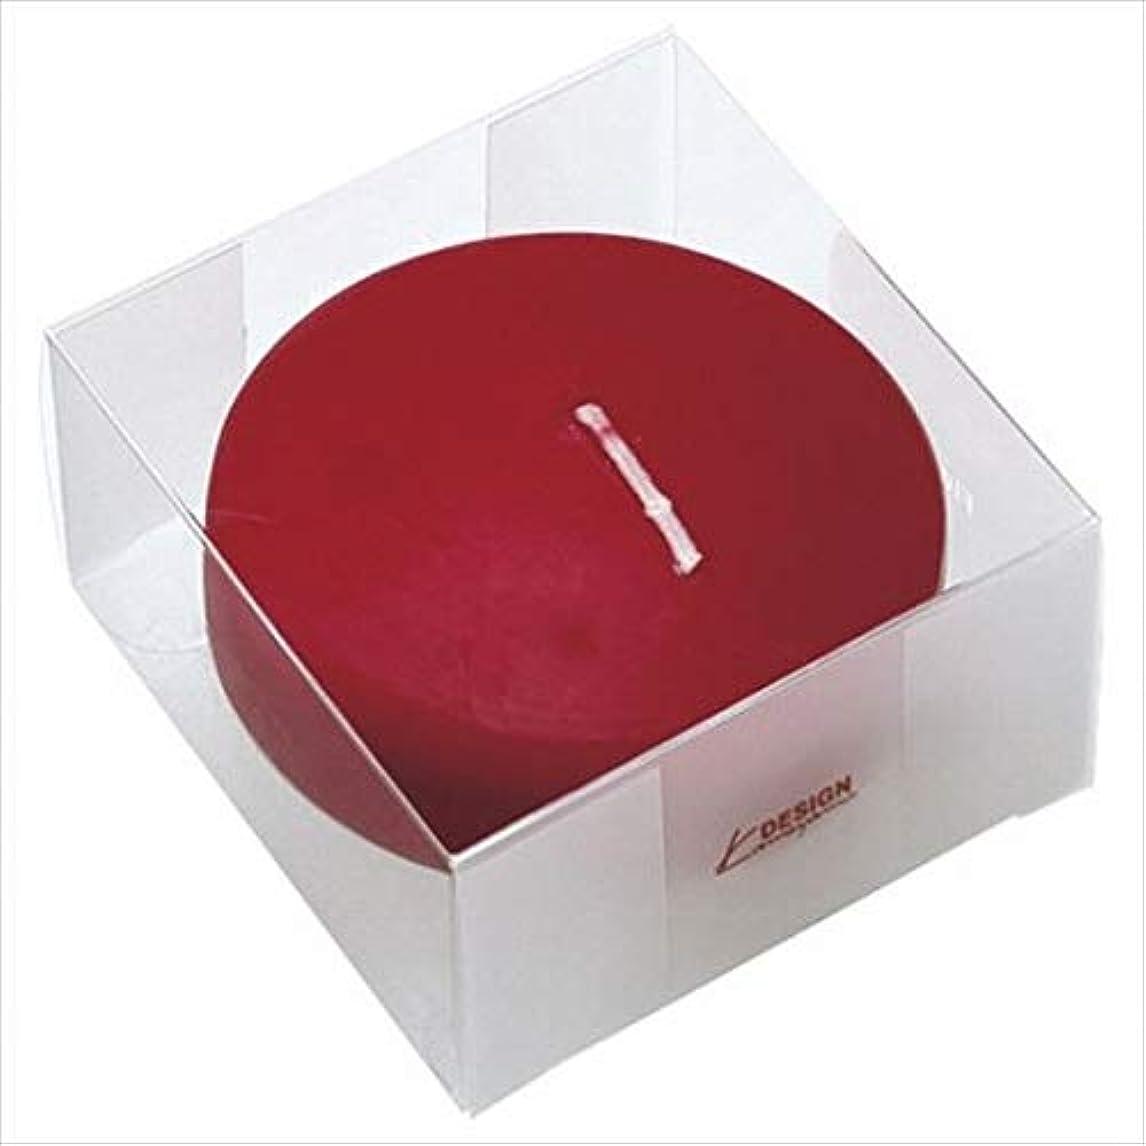 自分災難位置づけるカメヤマキャンドル(kameyama candle) プール80 (箱入り) 「 ワインレッド 」 キャンドル 6個セット